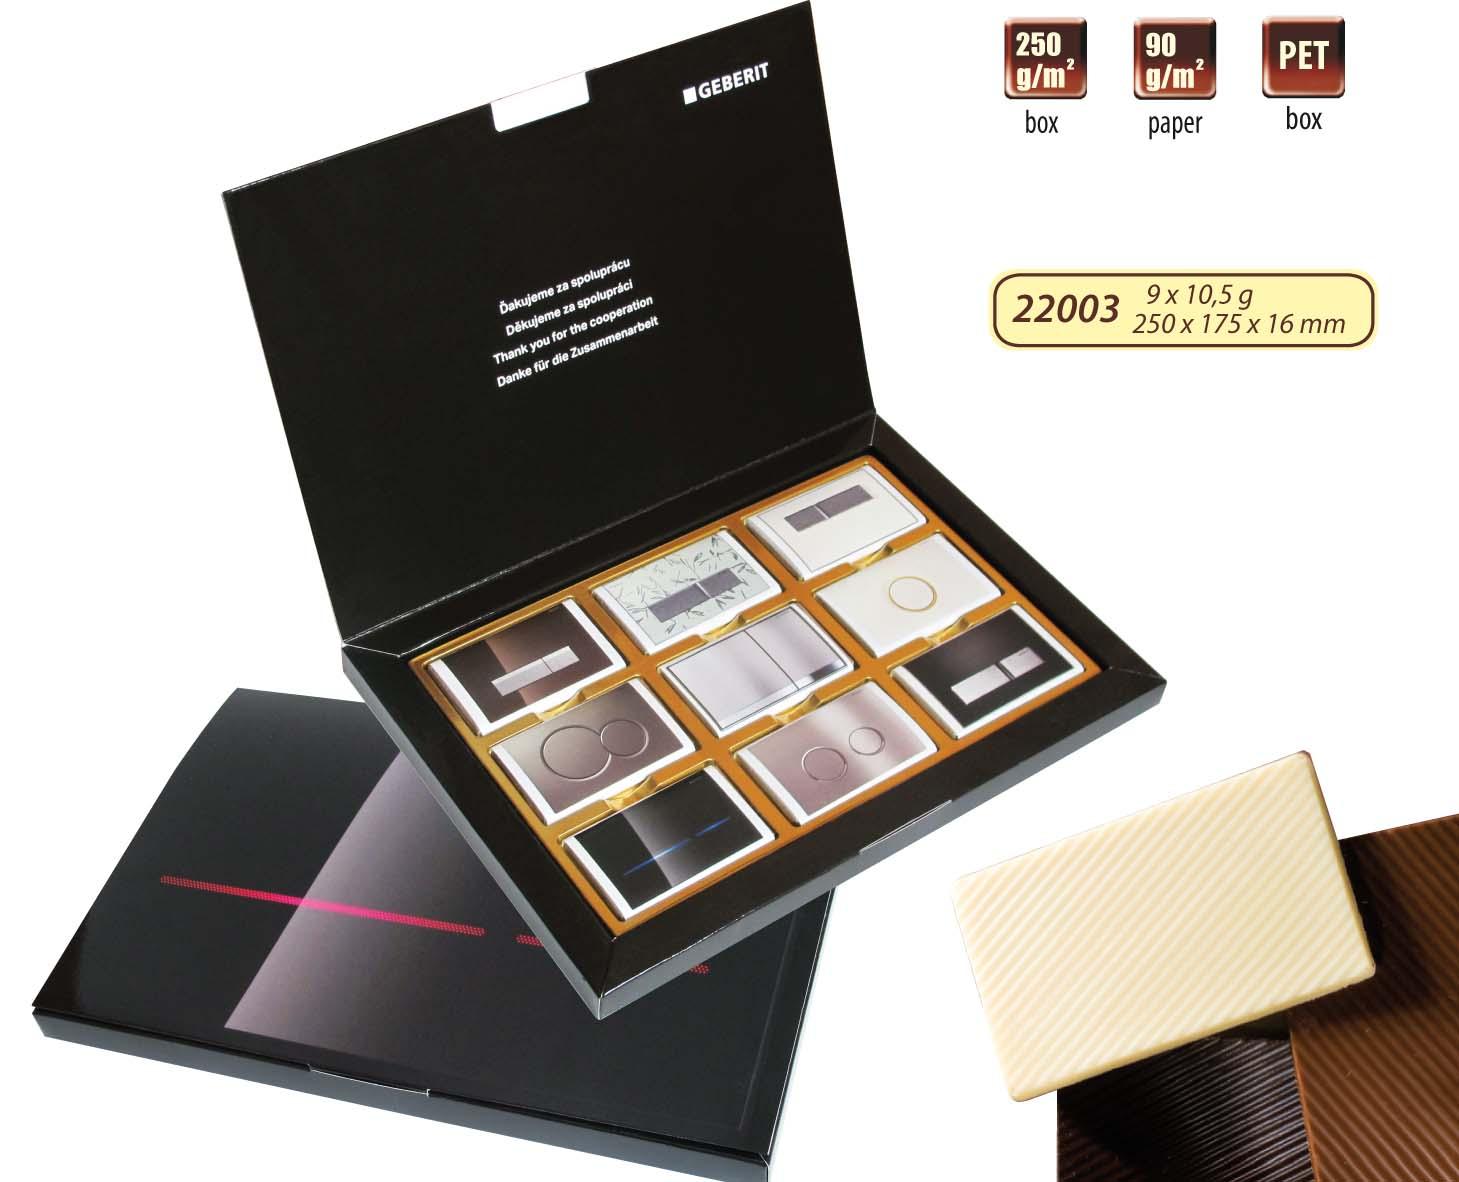 Čokoládová sada 9x10,5g krabička